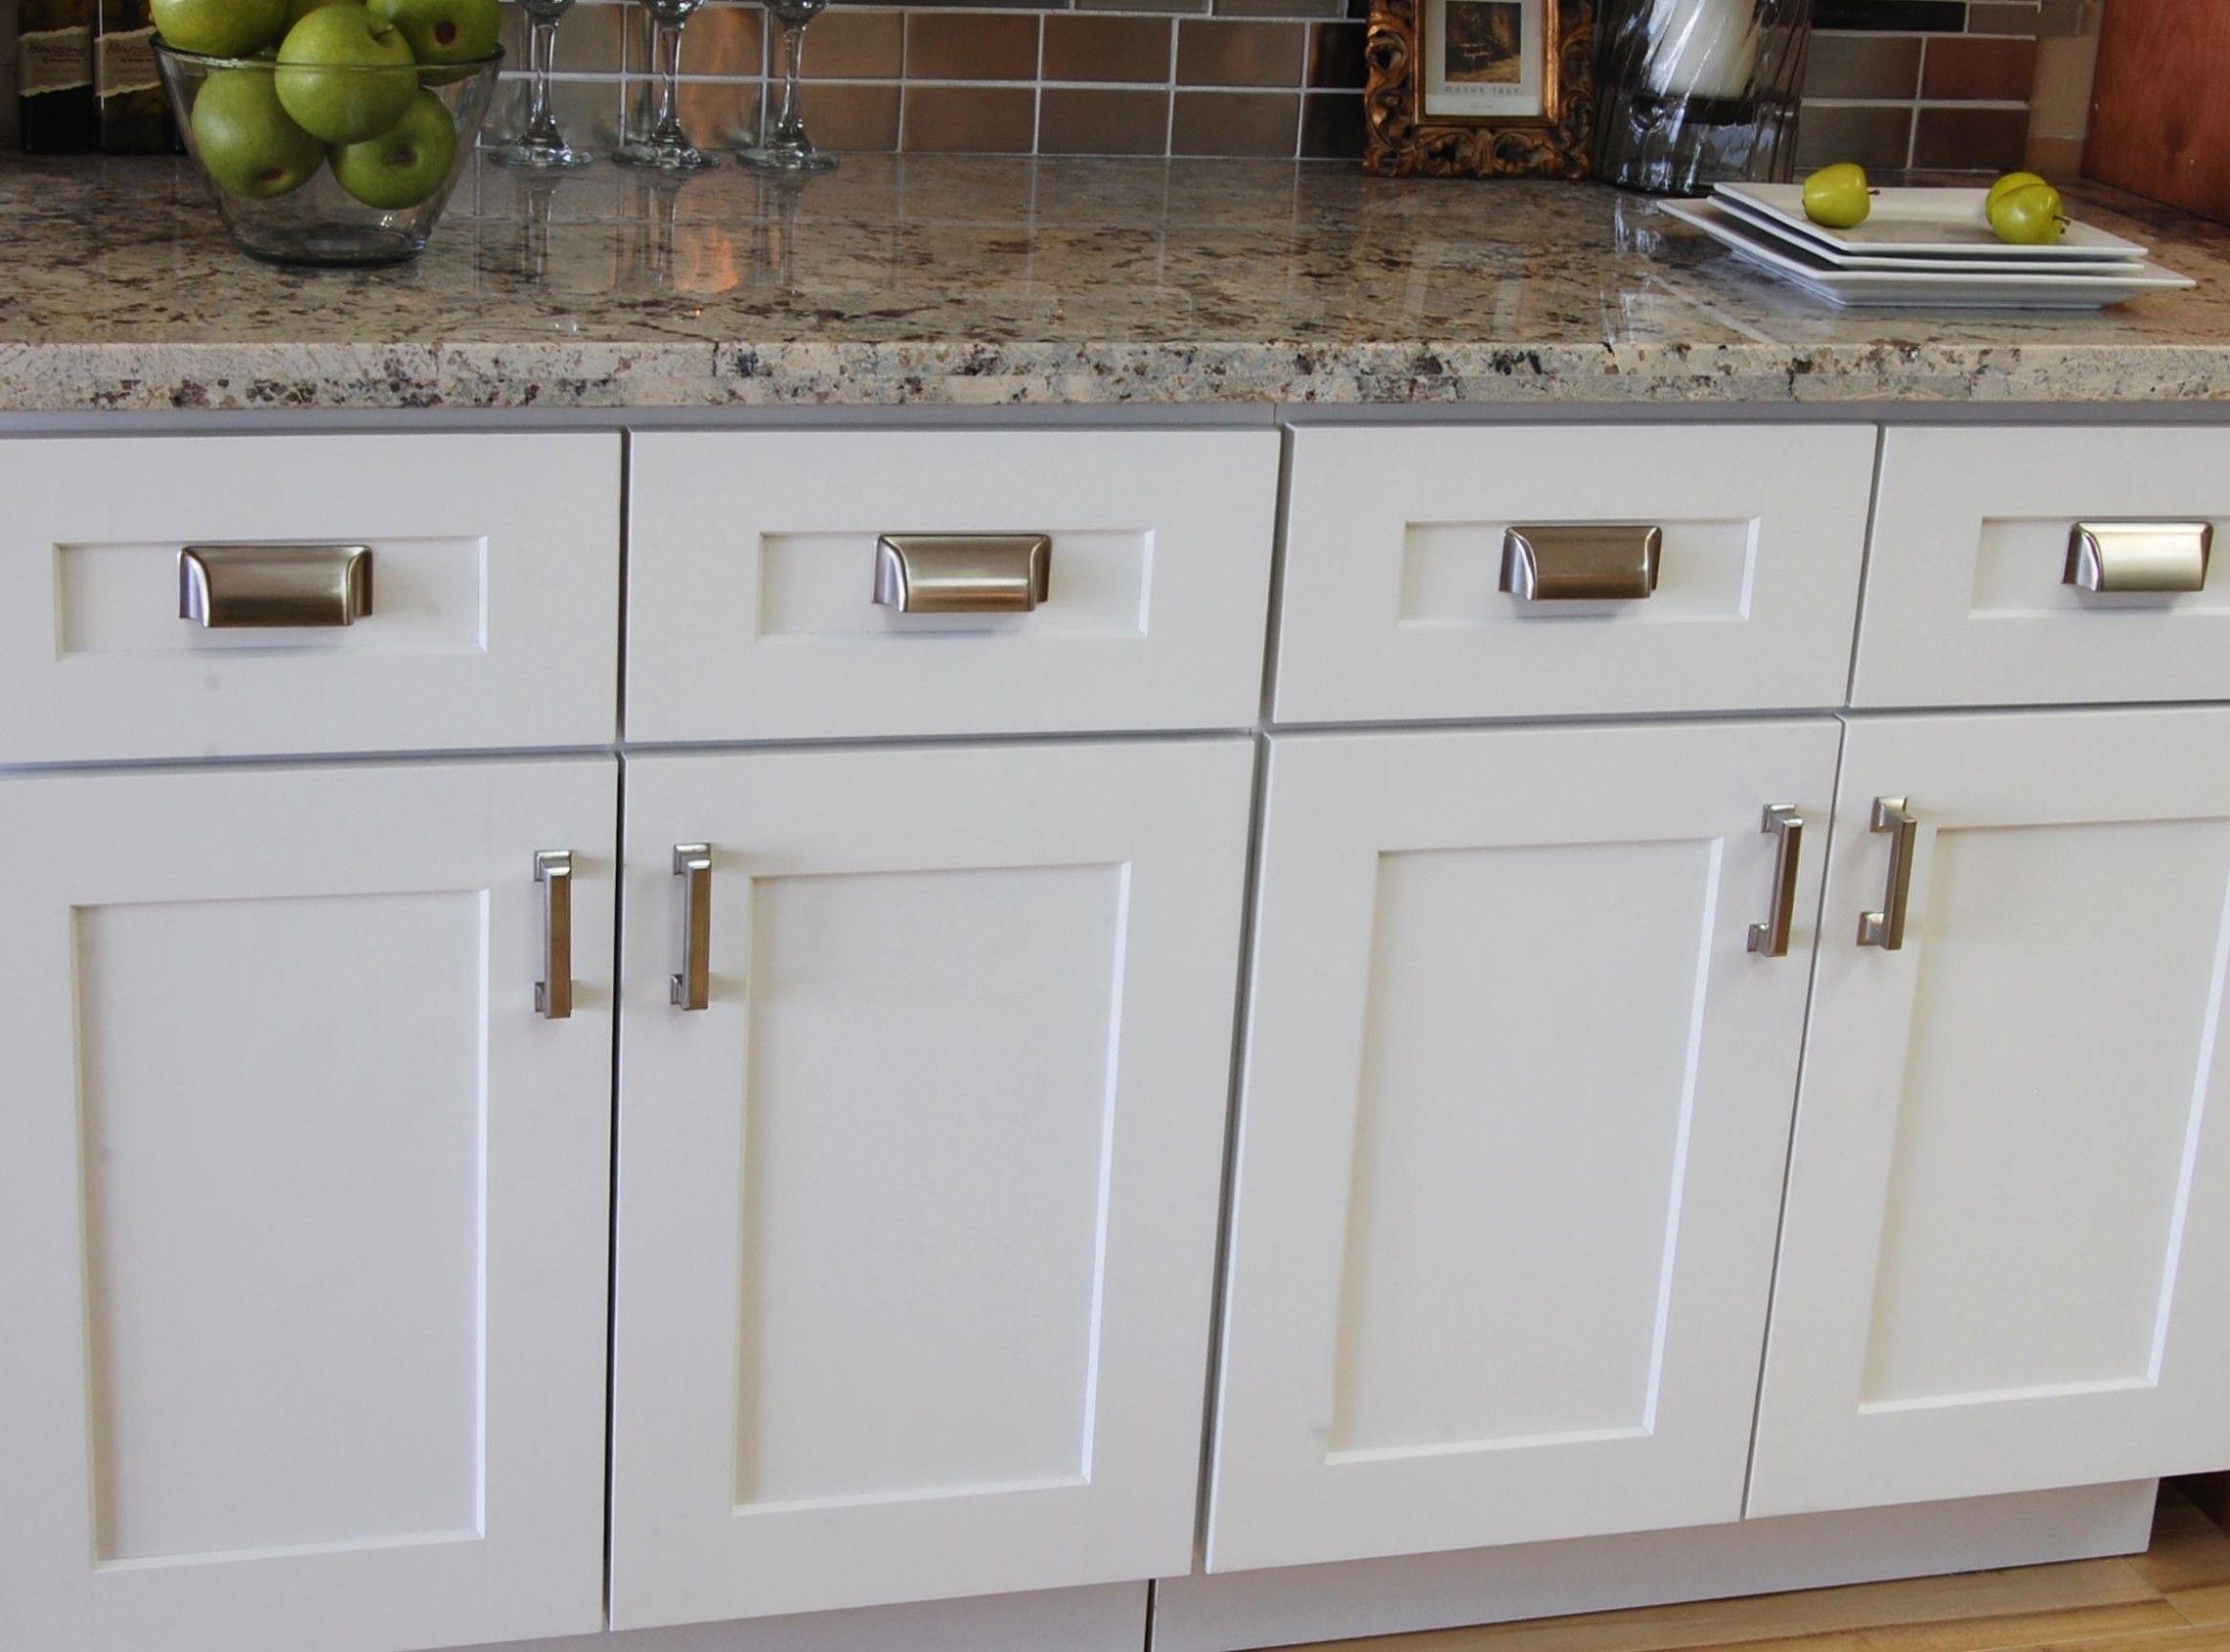 cabinet hardware discount Preise - Es ist besonders wichtig, dass ...